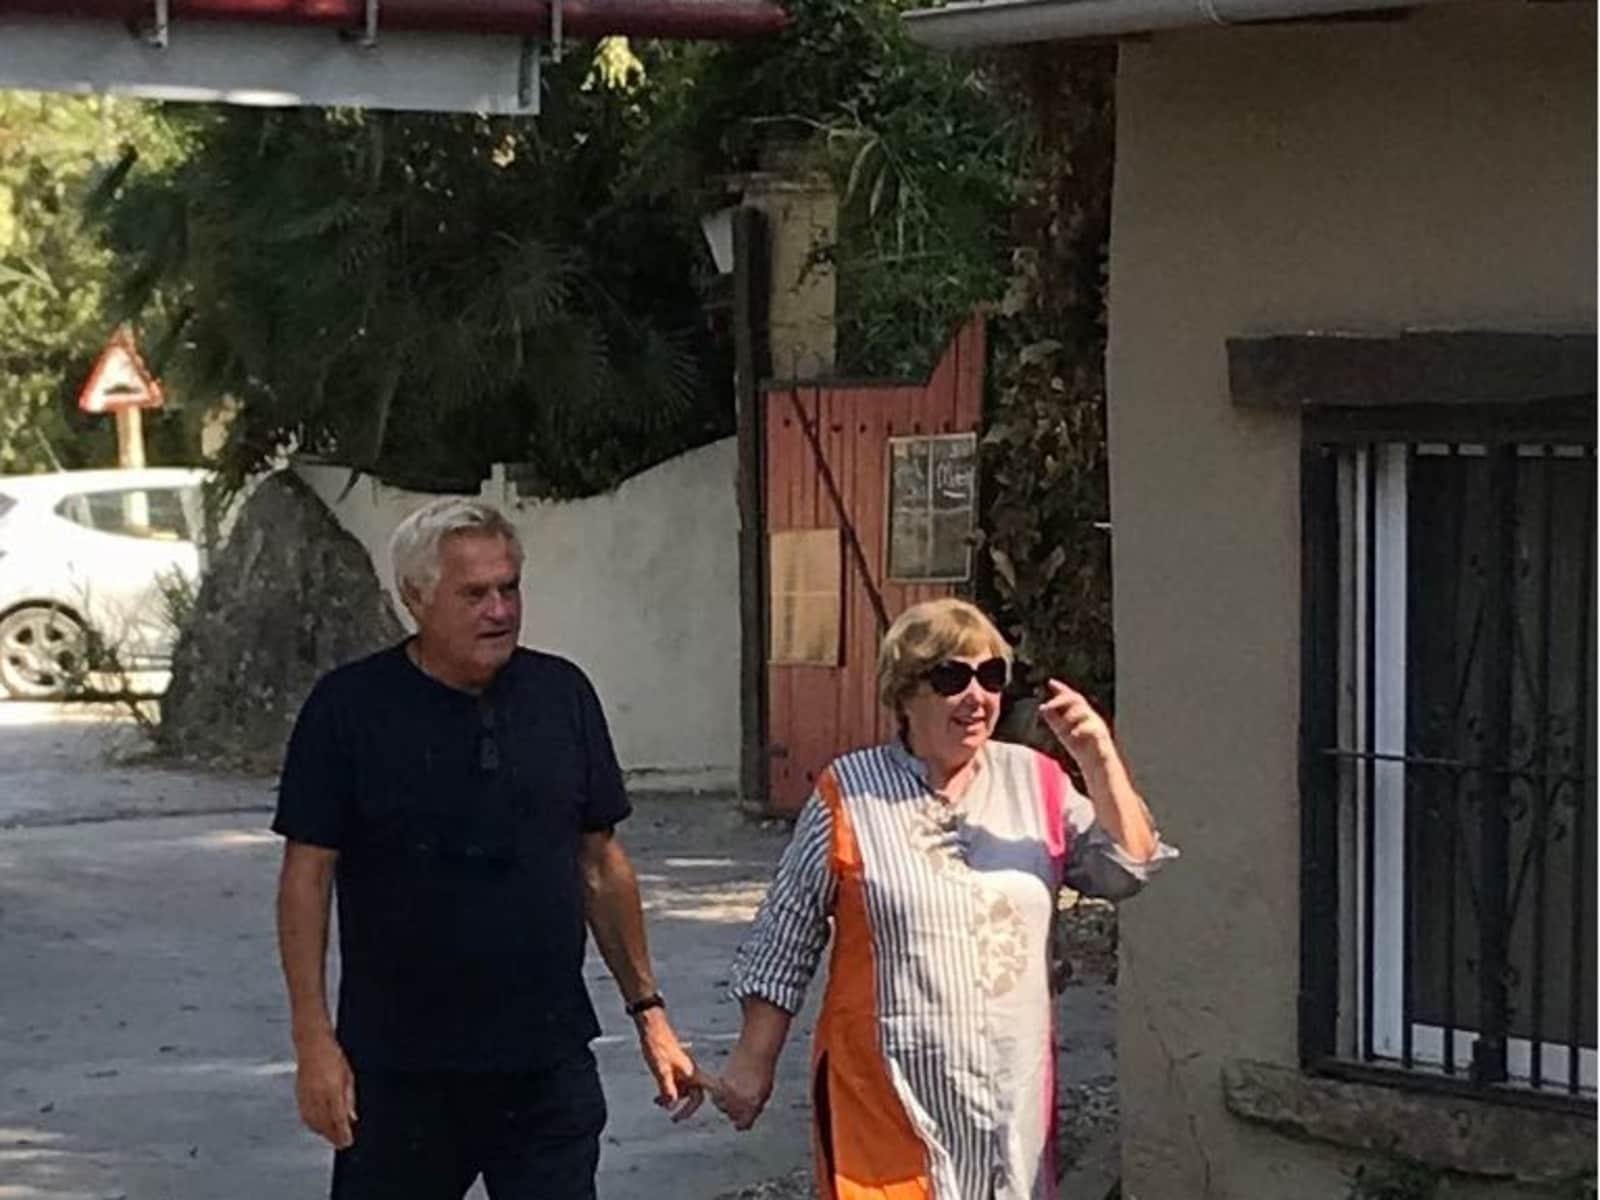 Carol & Gerry from Estepona, Spain